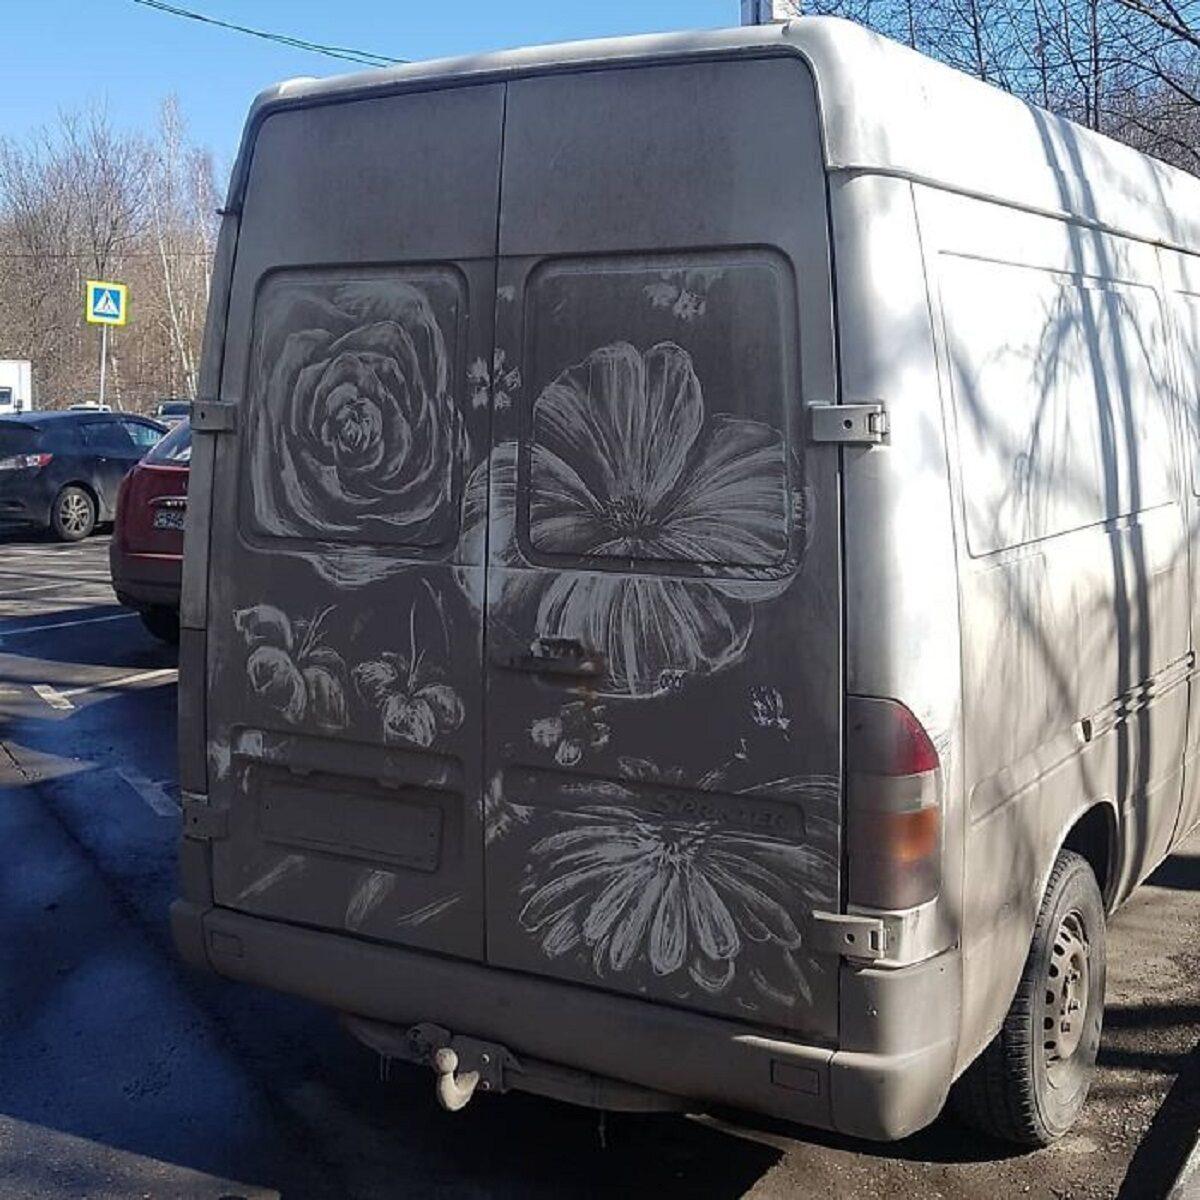 Nikita Golubev artista russa cria desenhos incriveis em caminhoes e tecnica chama atencao 12